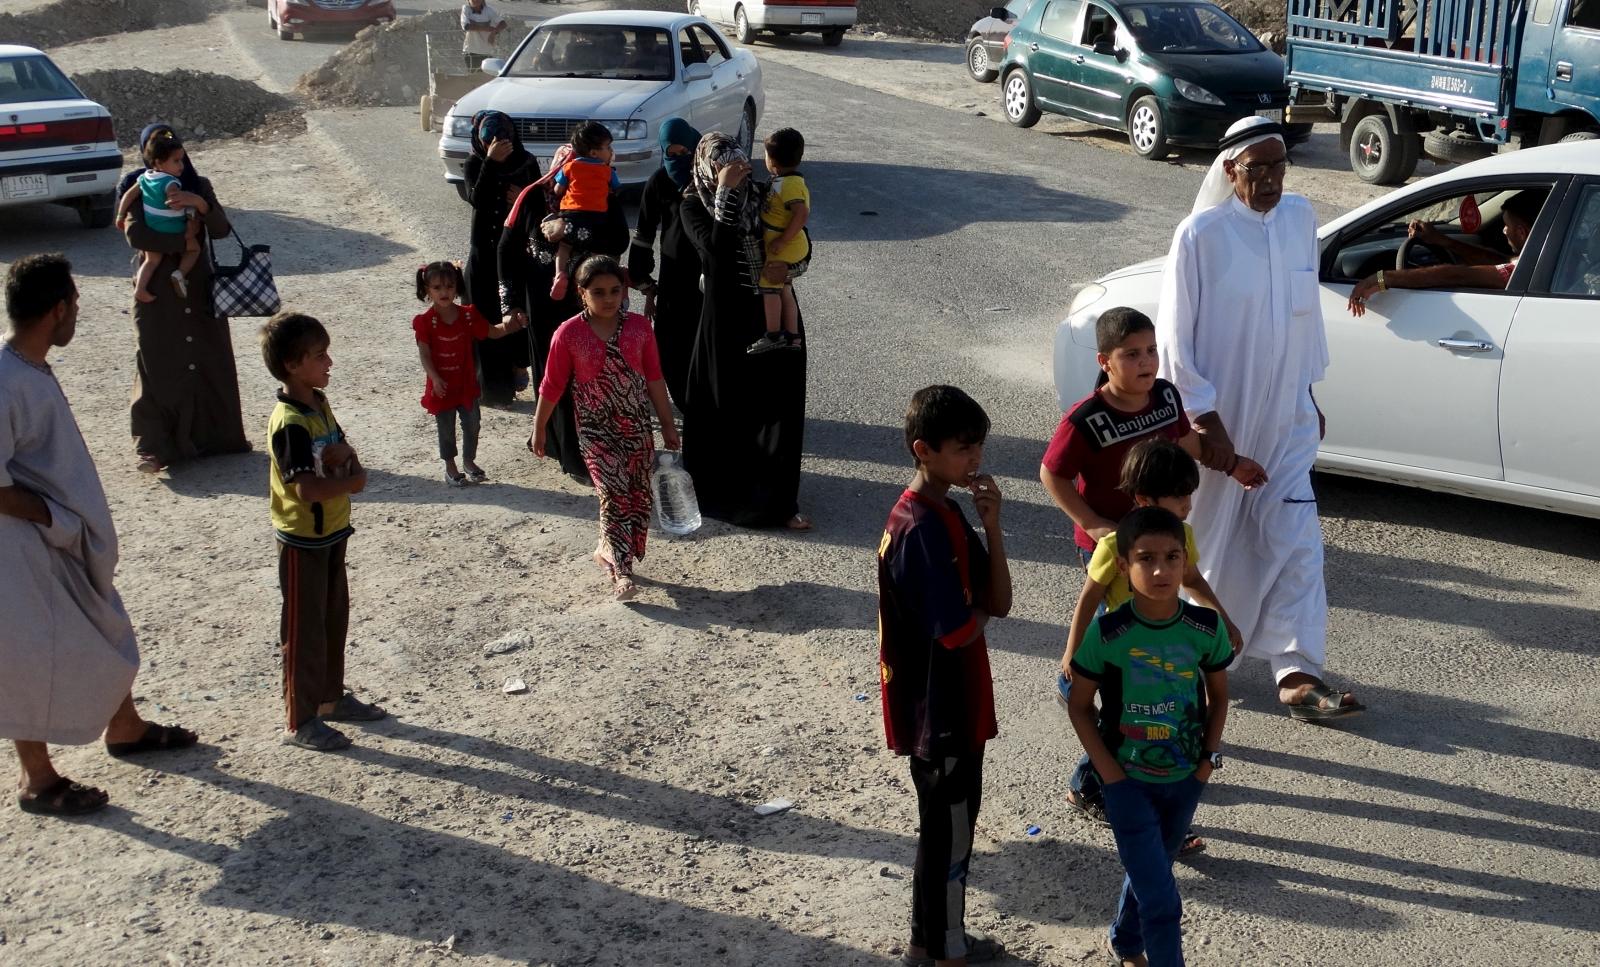 Isis Ramadi offensive in Iraq